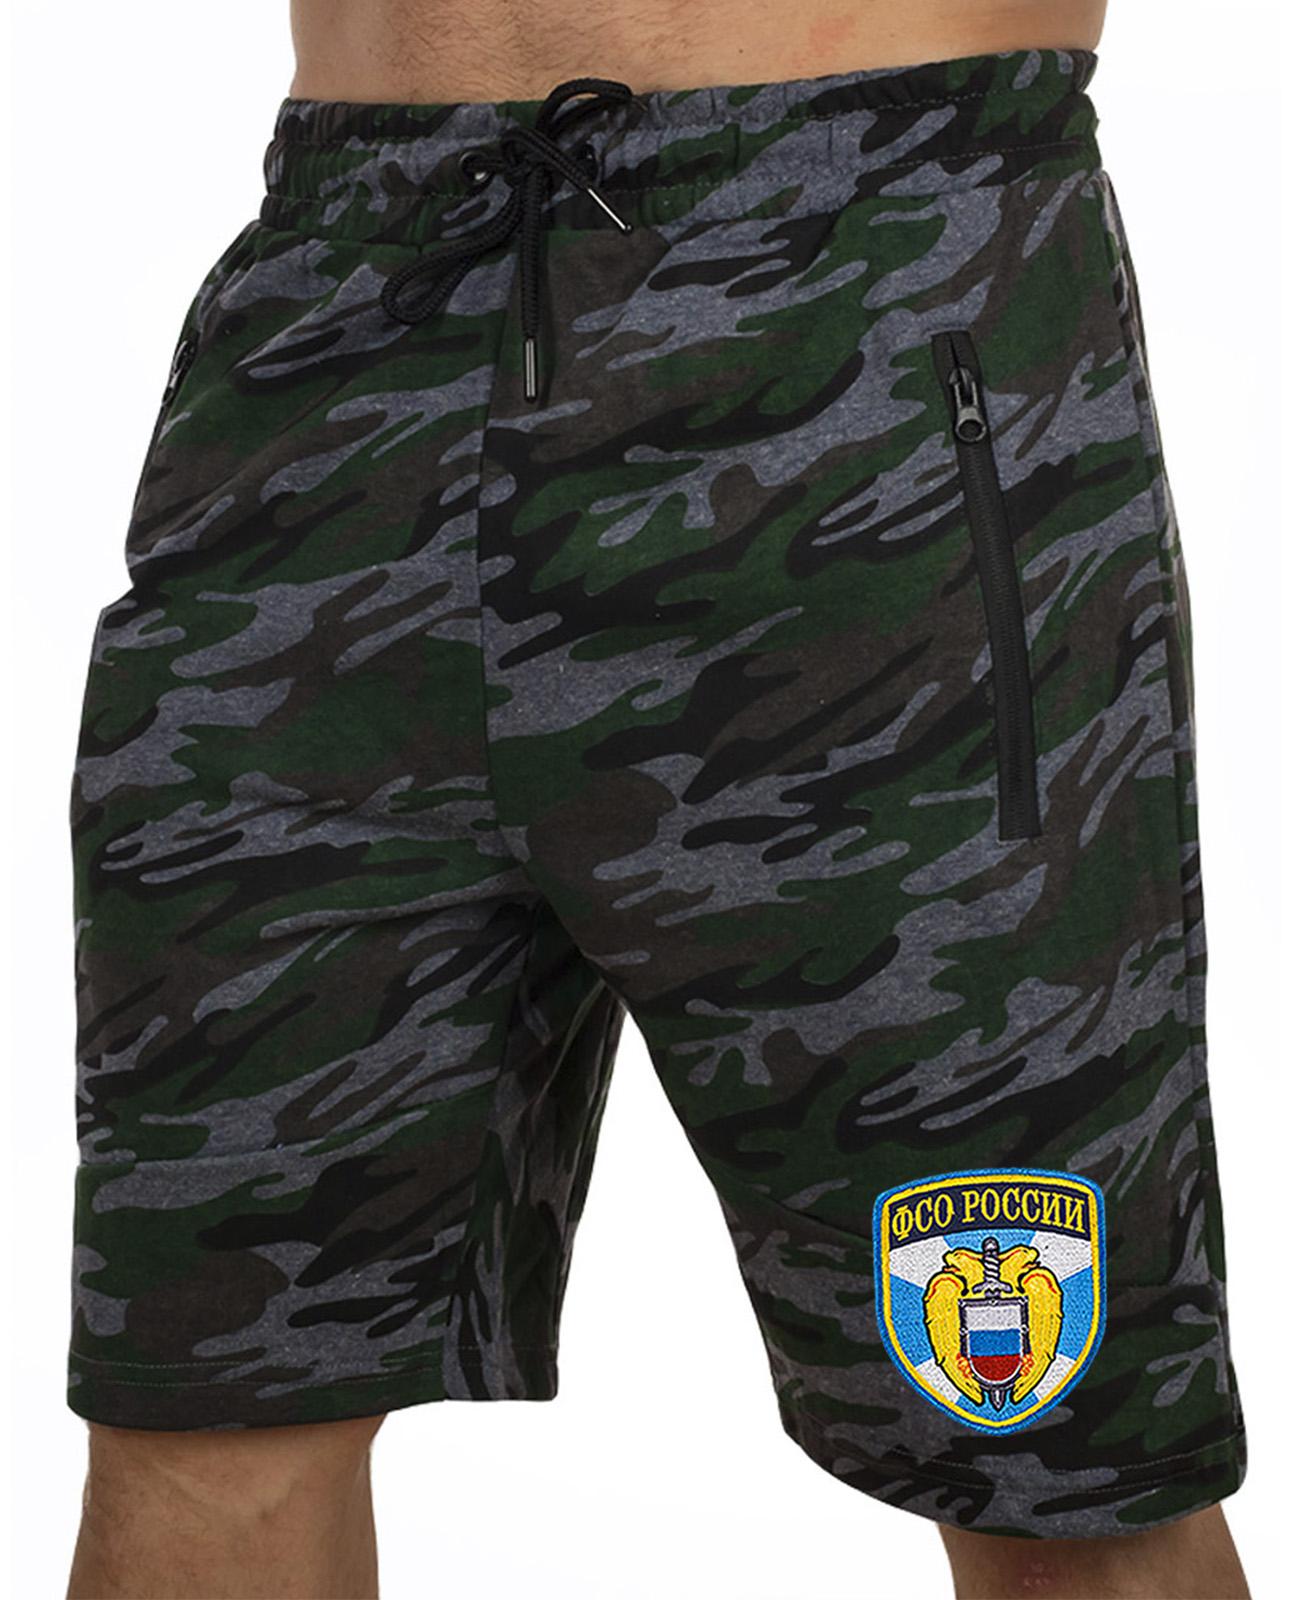 Купить удлиненные крутые шорты с нашивкой ФСО оптом или в розницу